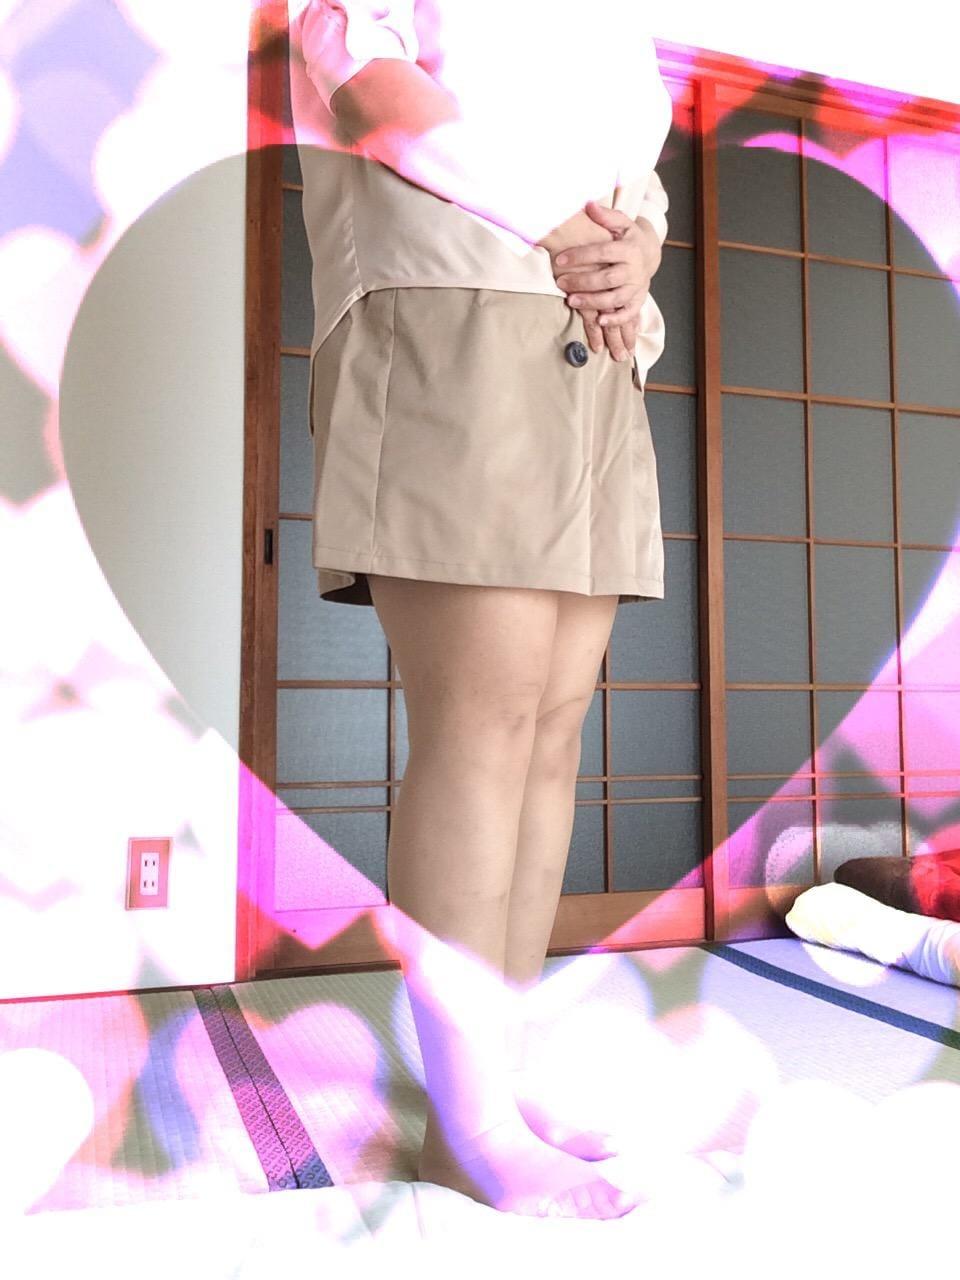 「一休み」12/16(日) 10:23 | みき◇爆乳パイズリ◇の写メ・風俗動画